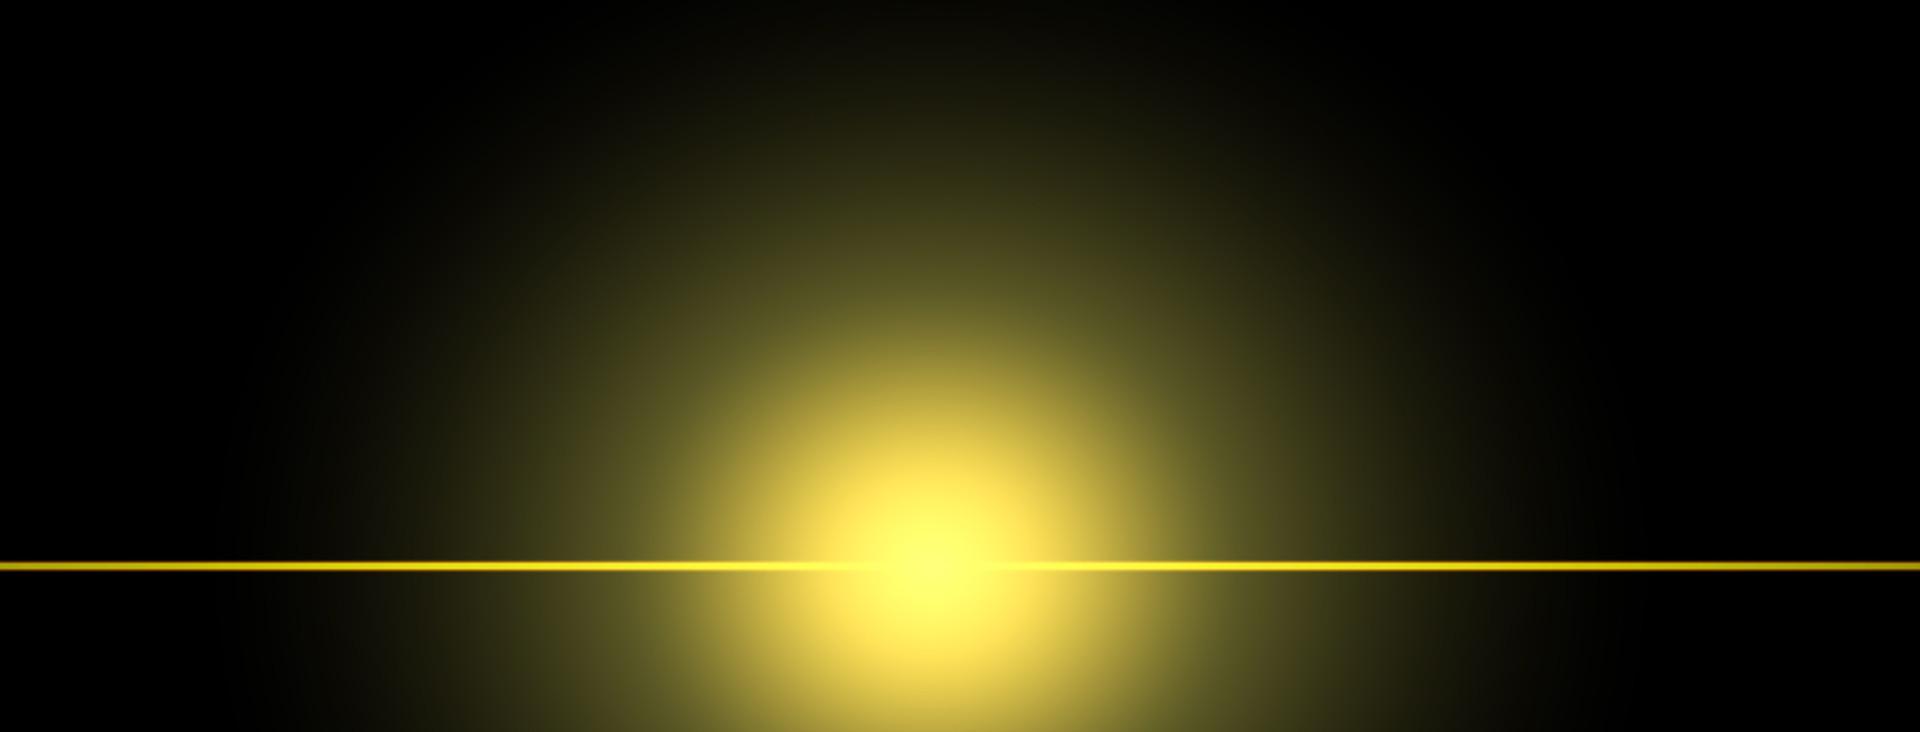 light-681187_1920